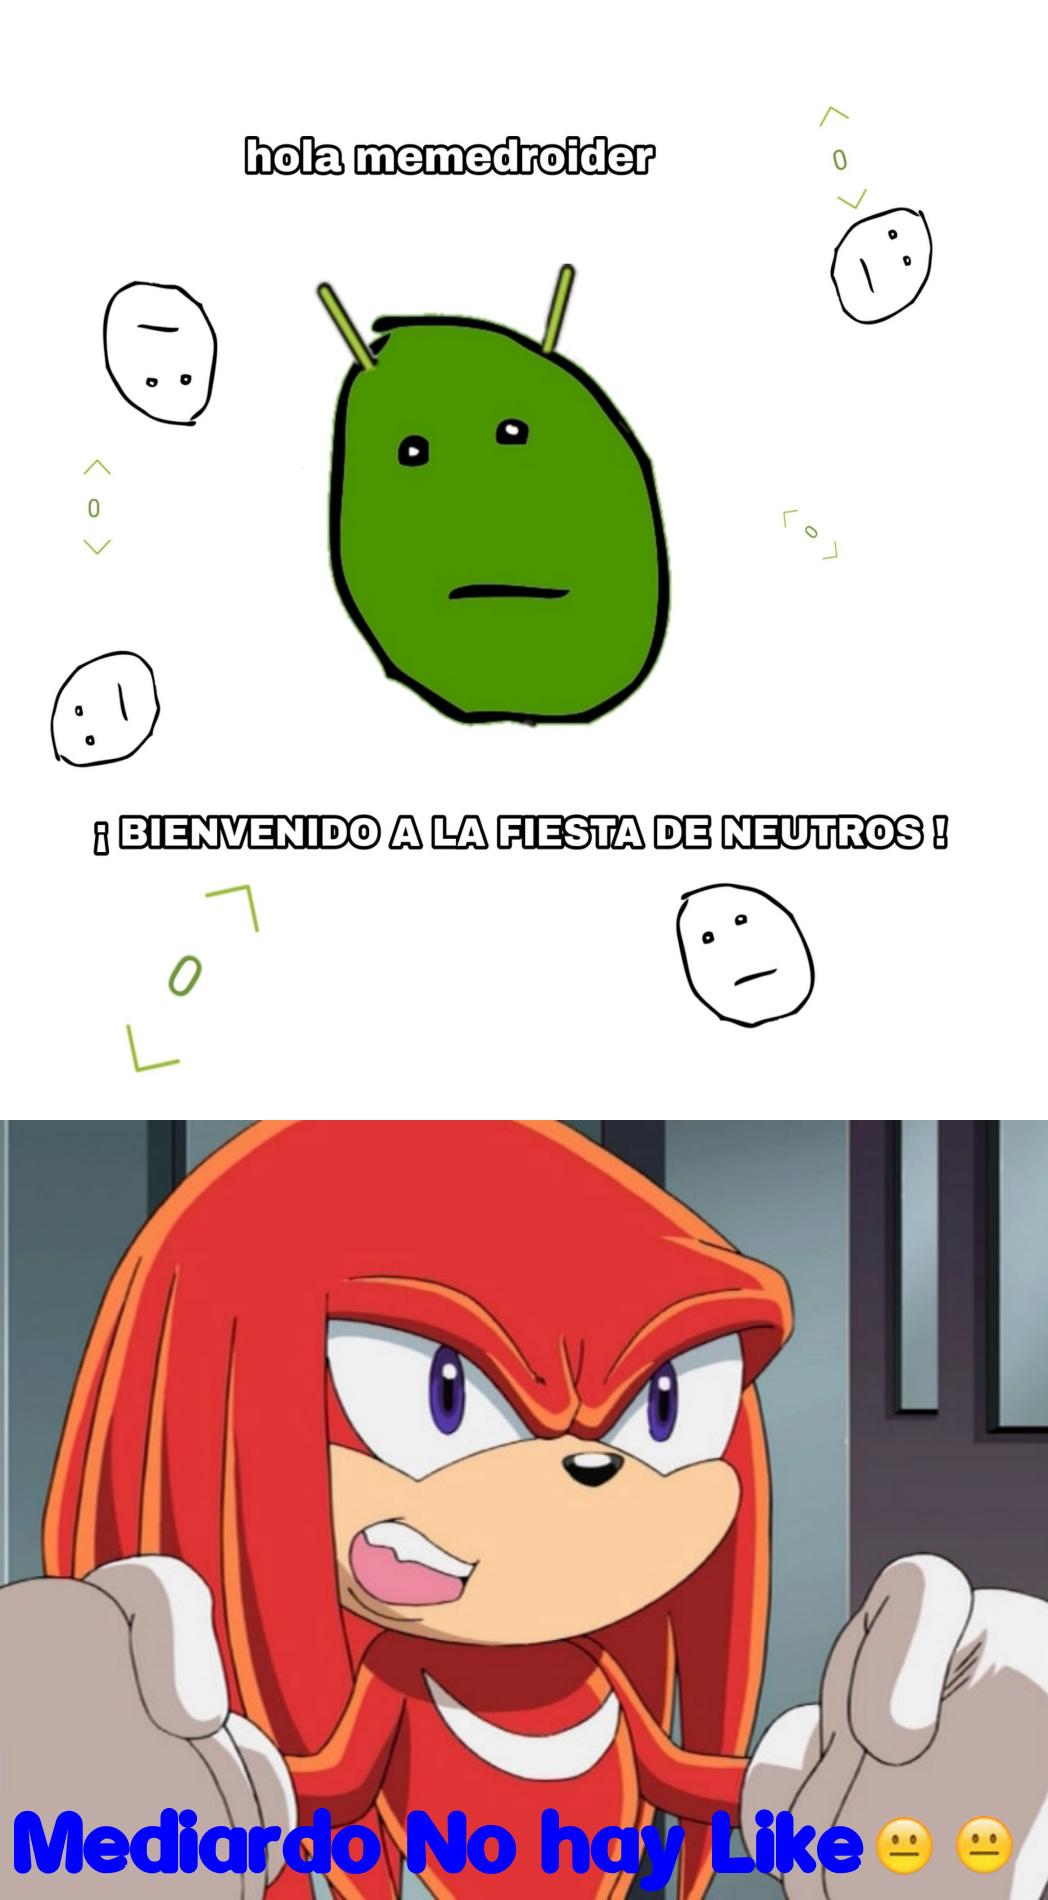 Mediardo no hay like - meme